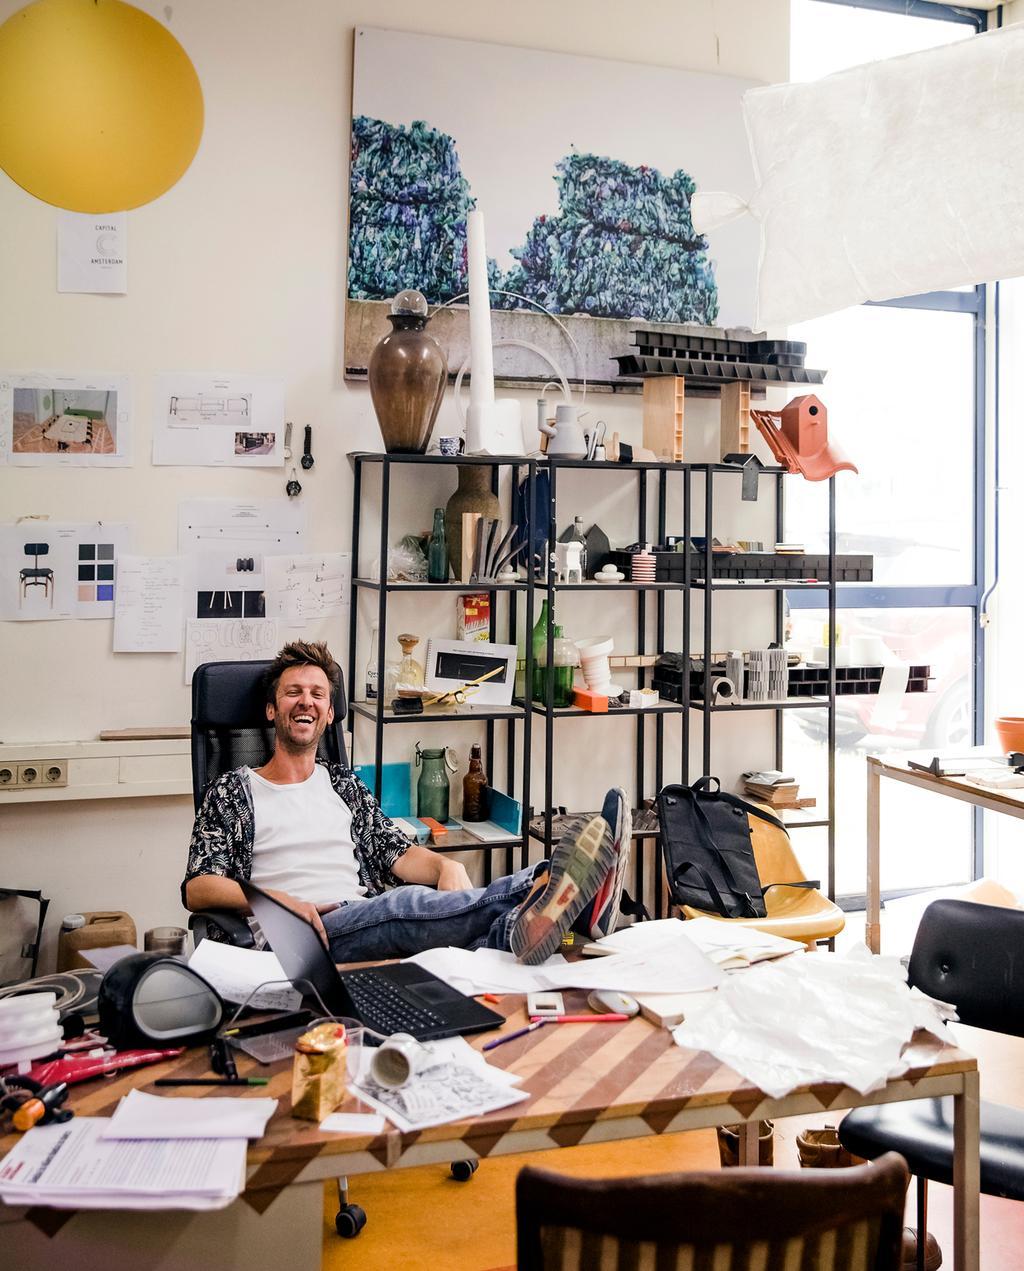 vtwonen 9-2019 | Ambacht Klaas Kuiken atelier kantoor